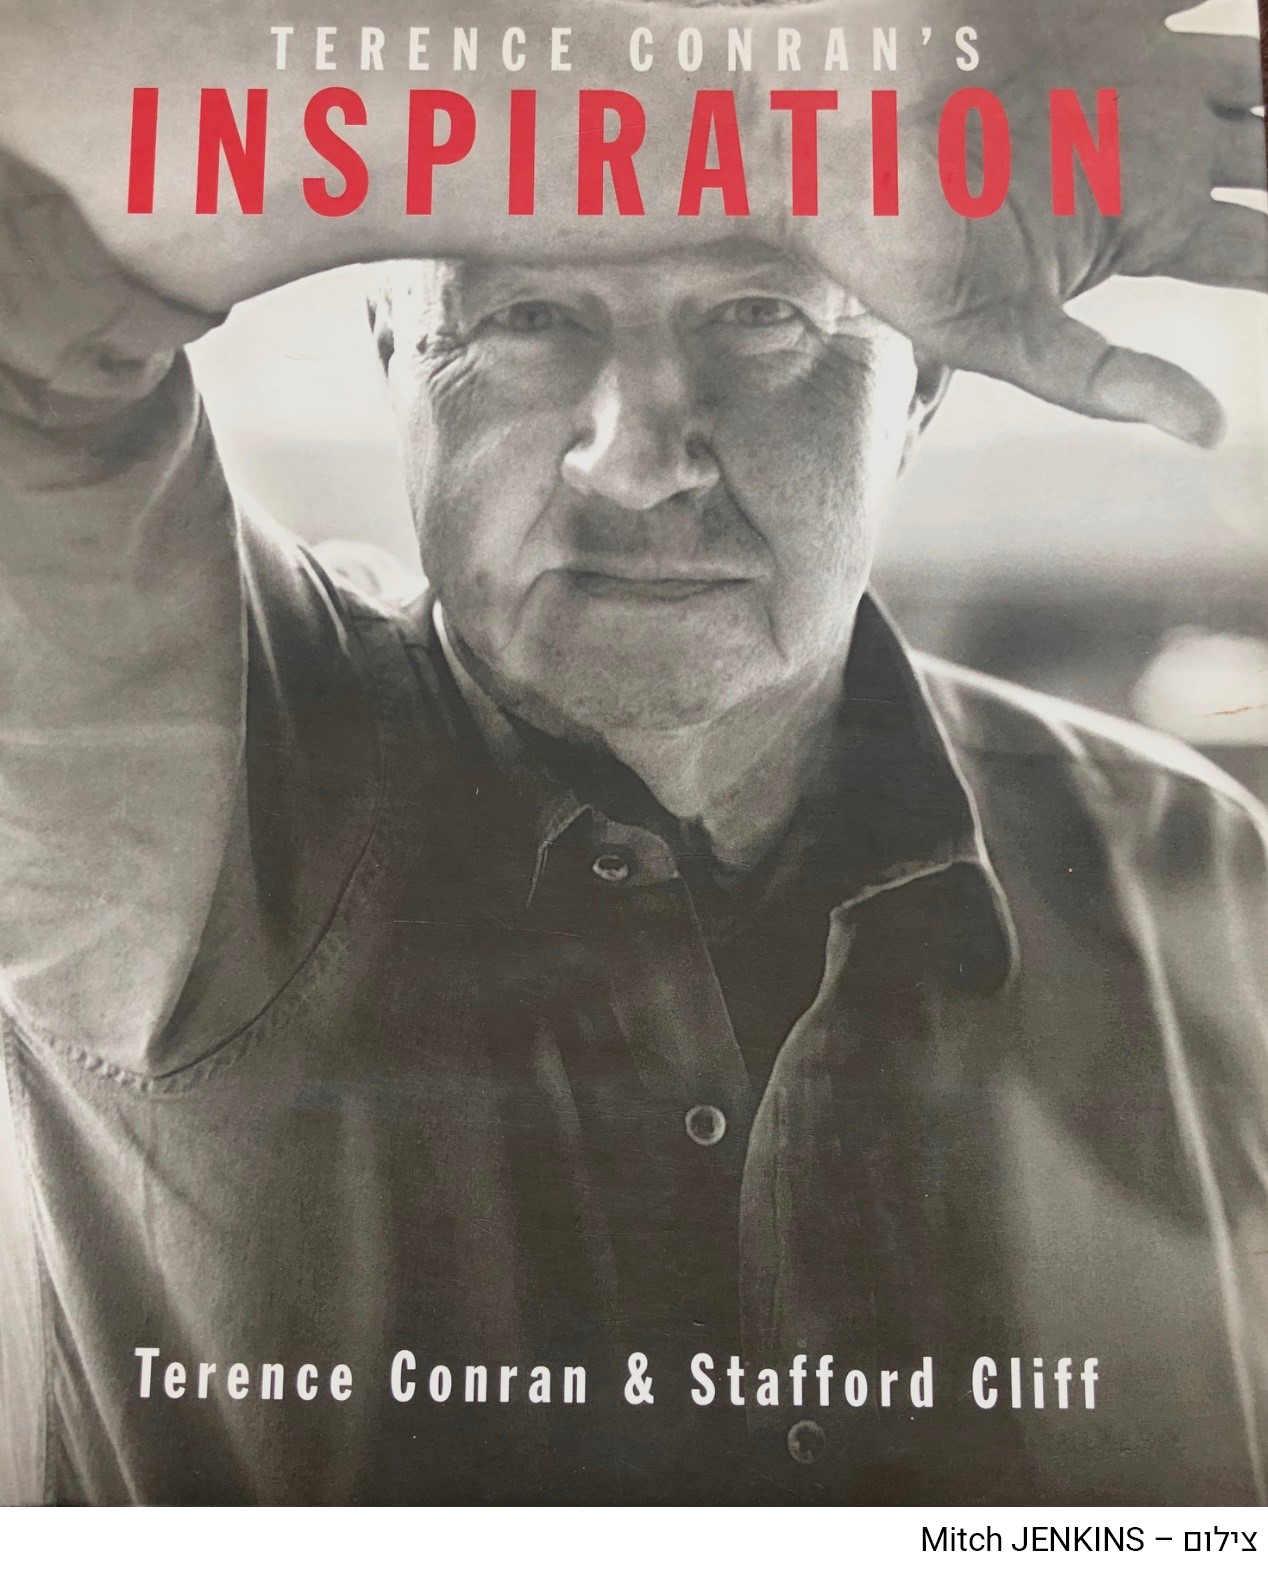 חפצים קידה עמוקה, במותו של Terence Conran</br>מעצב אשר שינה דרכי חיים בבית של רבים כל-כך באנגליה ובאירופה</br>ובתפיסה של כל מי שאימץ אותו כמנטור